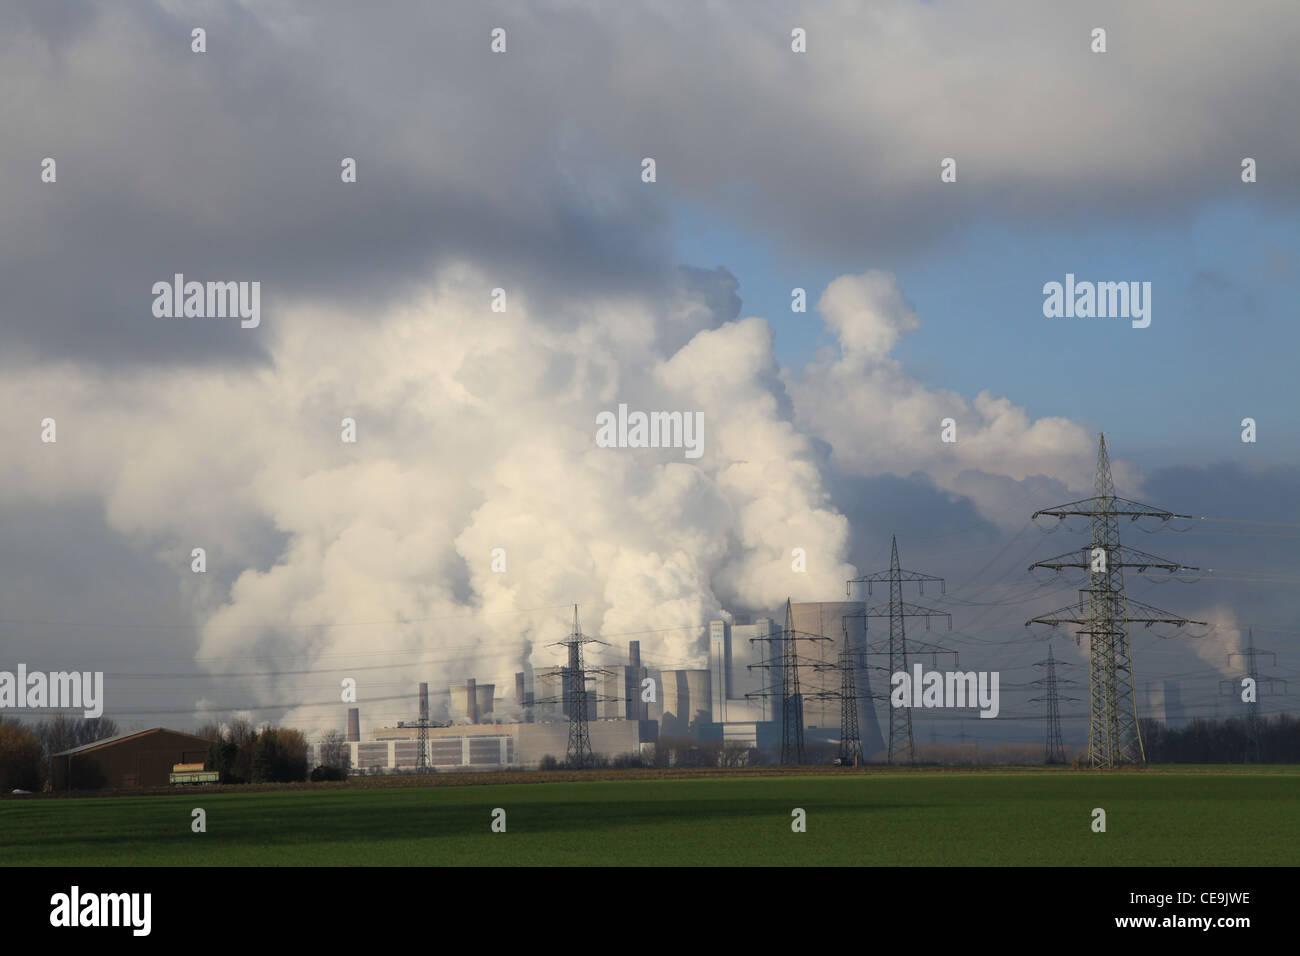 Power Station, Kraftwerk,Industrie,Steam,Dampf,sun,Sonne,blauer Himmel, blue sky,fume,block-unit,Kraftwerksblock,Elektrizität - Stock Image